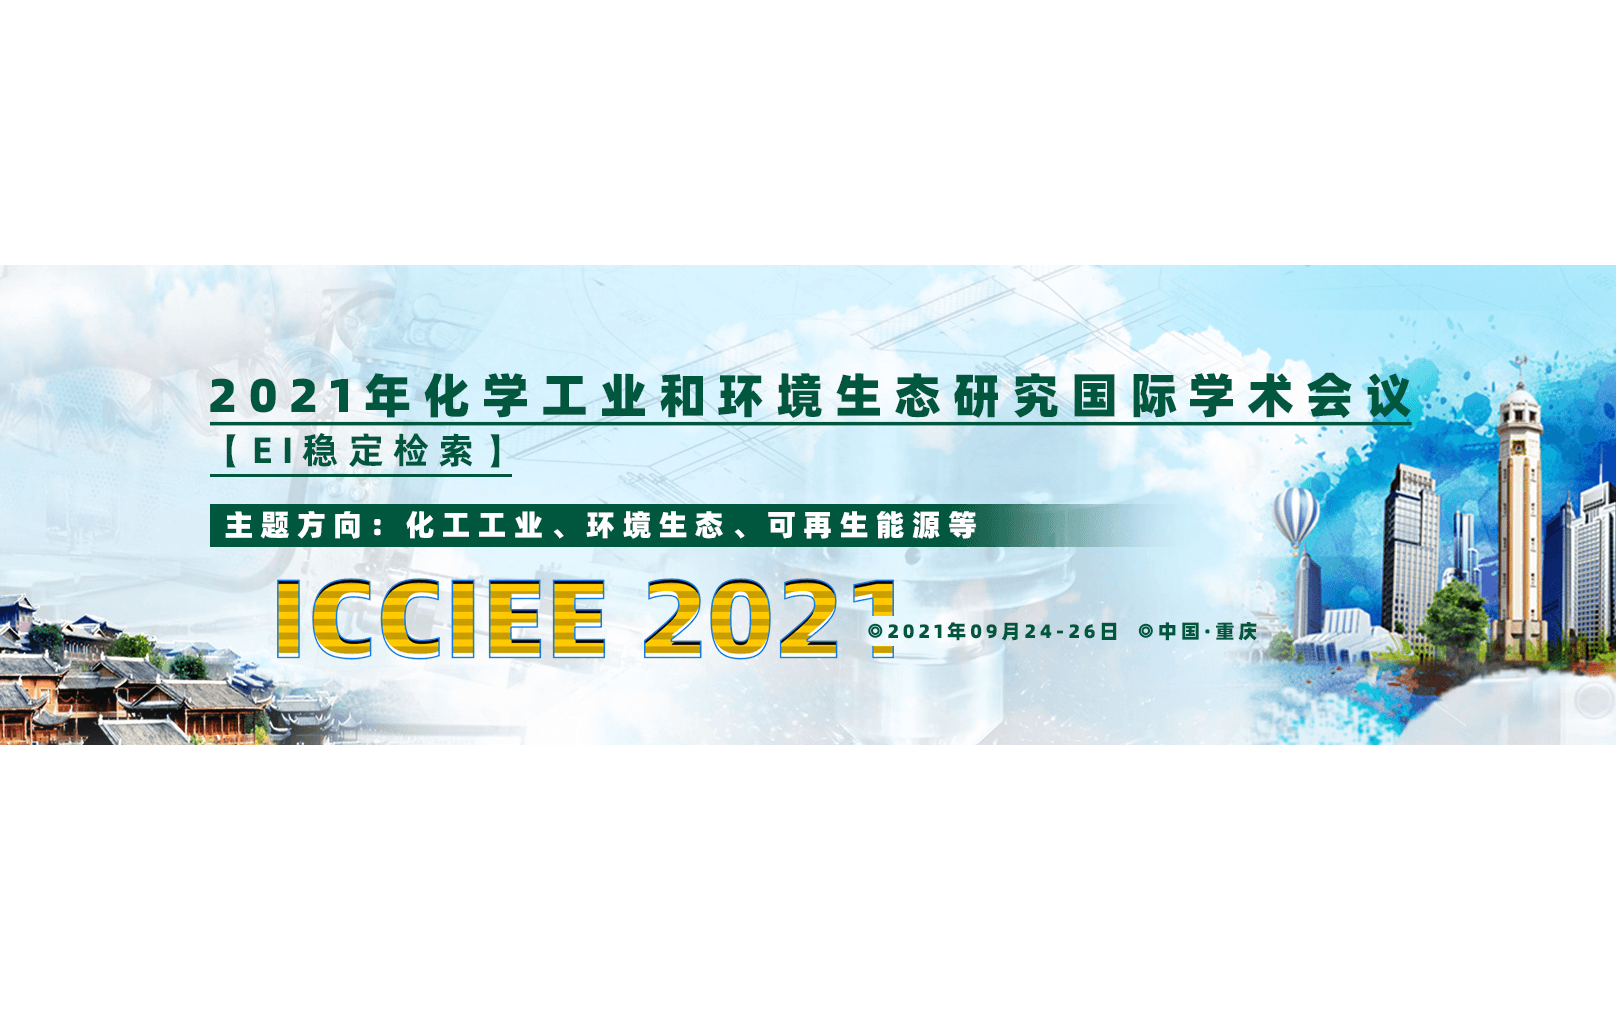 重庆EI-化学工业和环境生态研究国际学术会议(ICCIEE 2021)